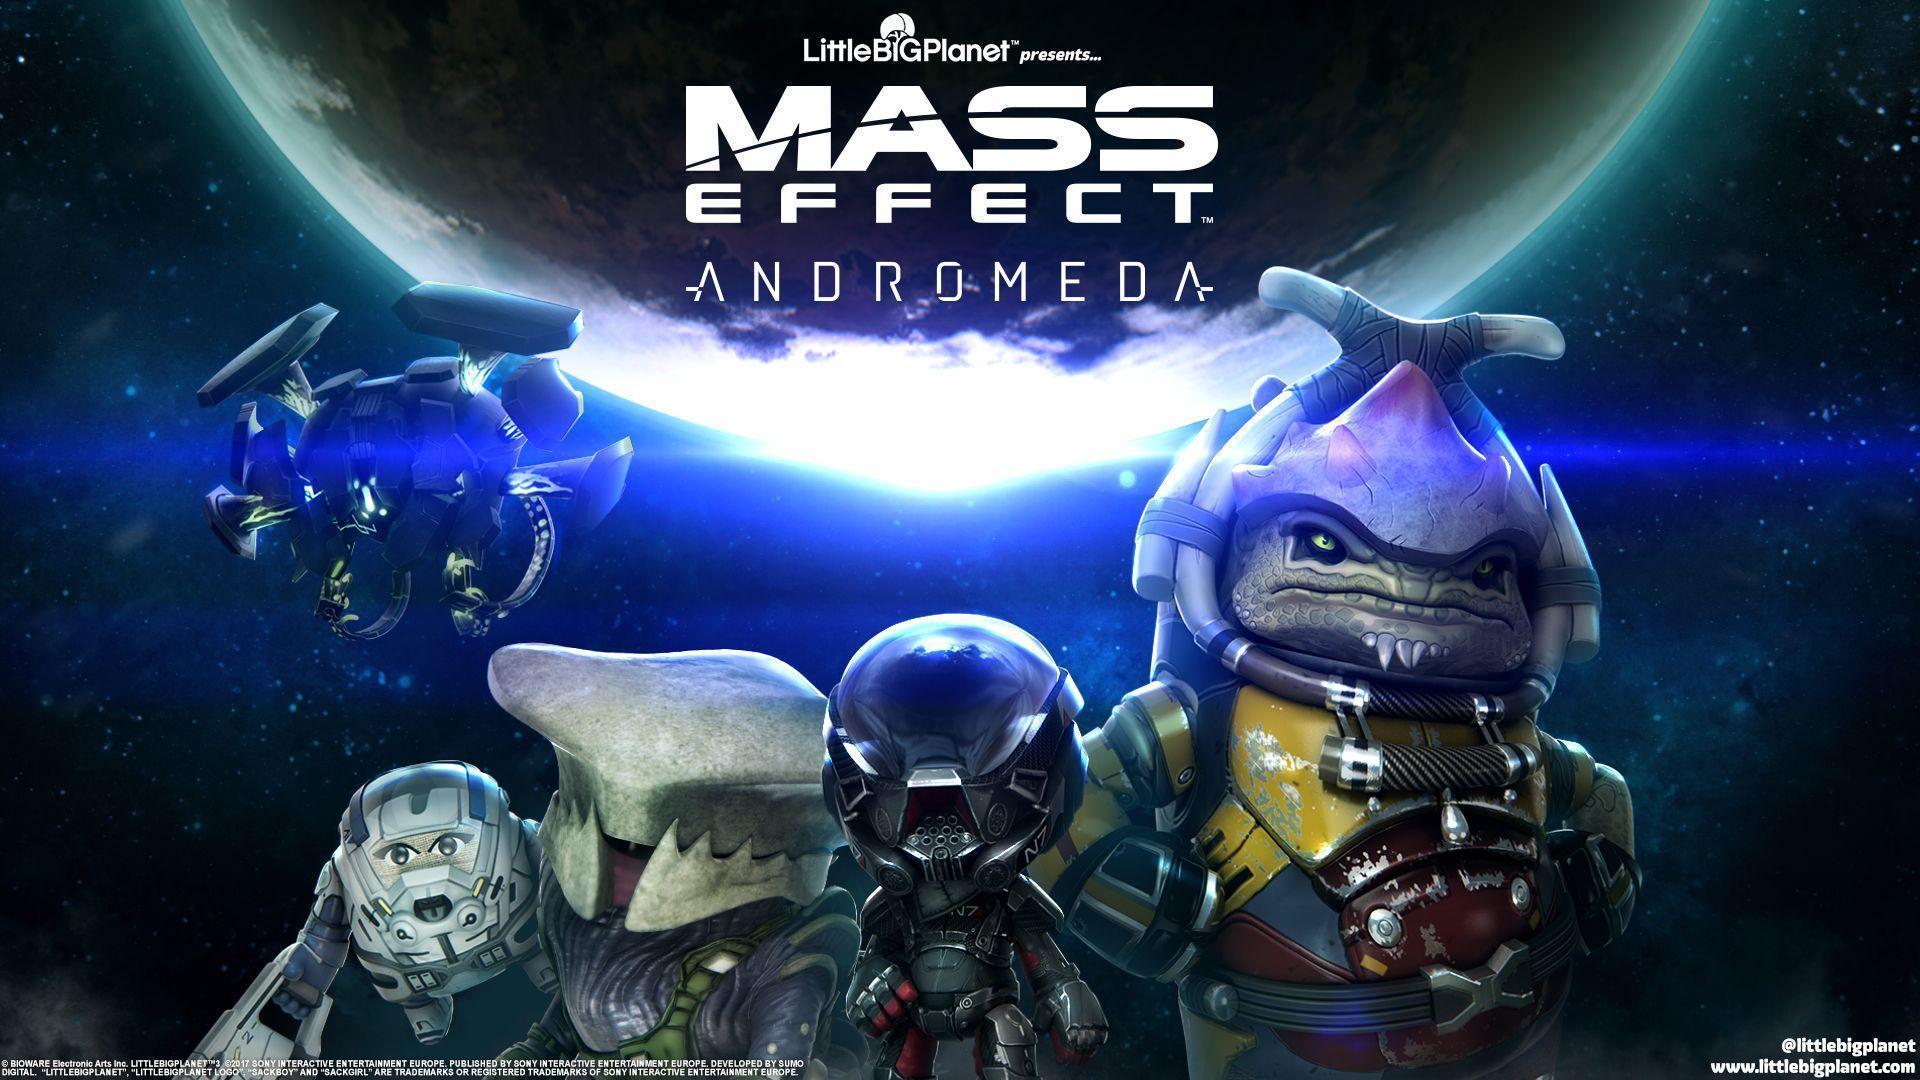 Mass Effect Andromeda Wallpaper Iphone: Mass Effect: Andromeda Wallpapers